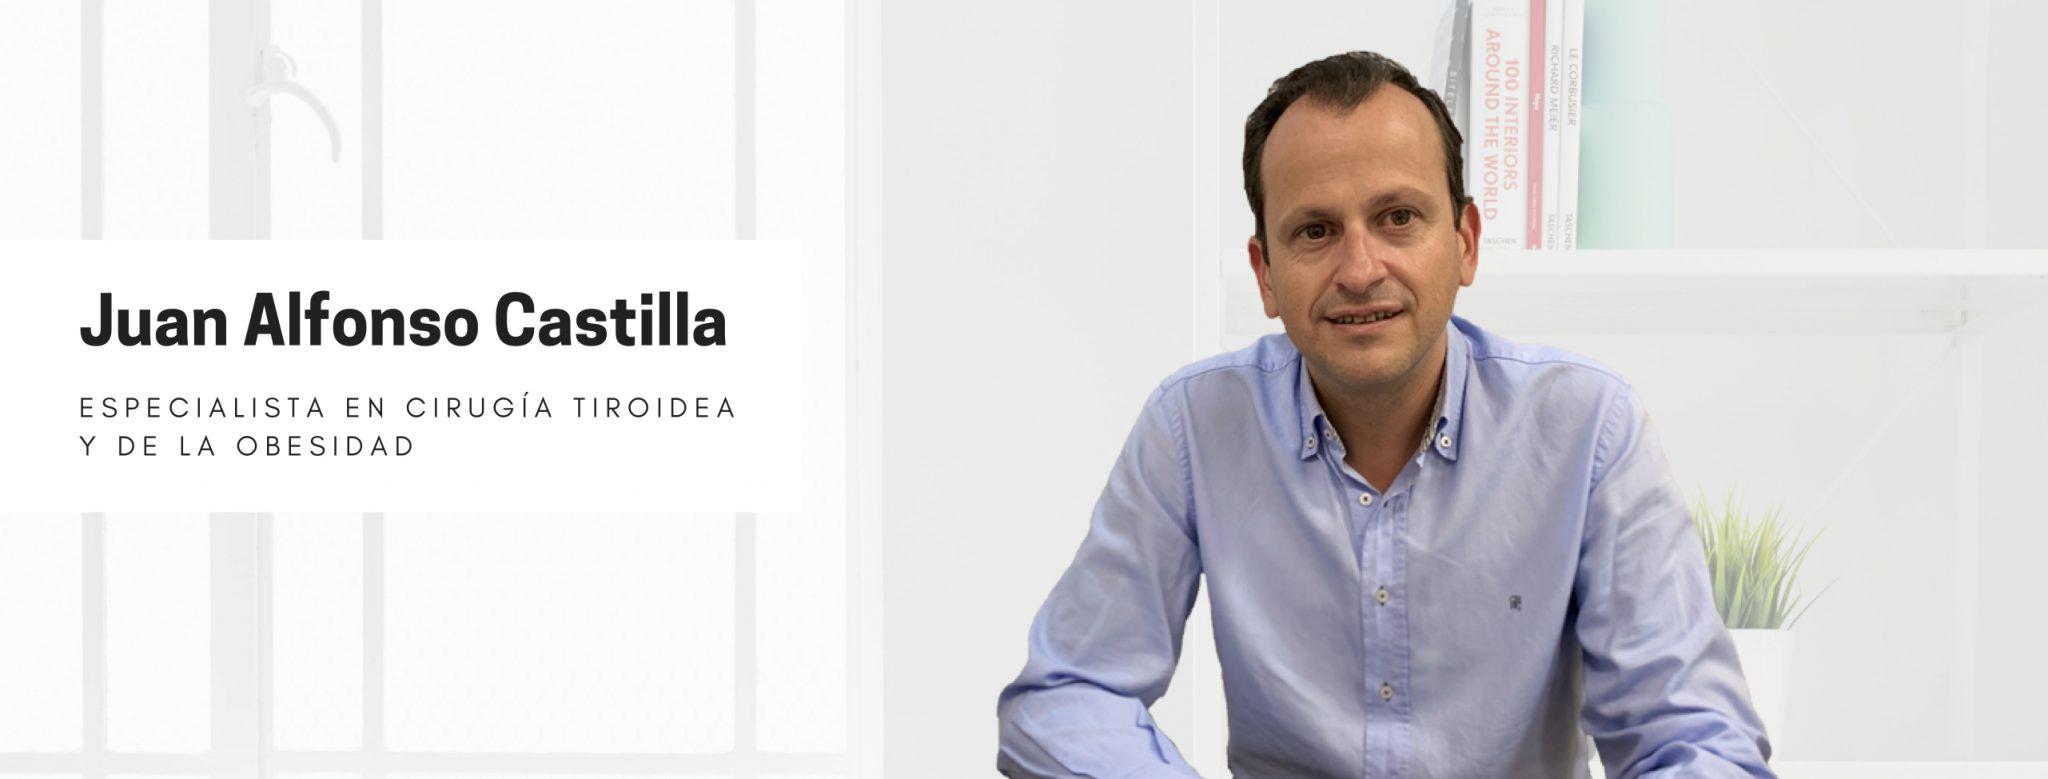 Dr. Castilla | Especialista en Cirugía Tiroidea y de la Obesidad